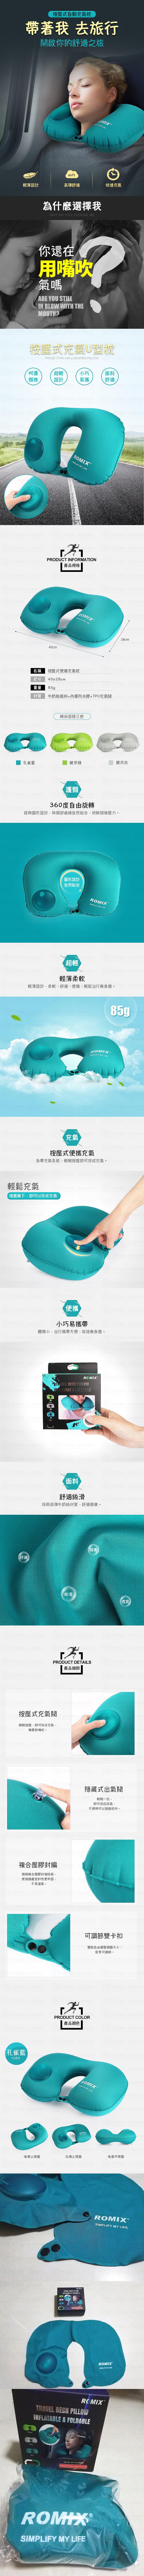 充氣枕(浮水印)